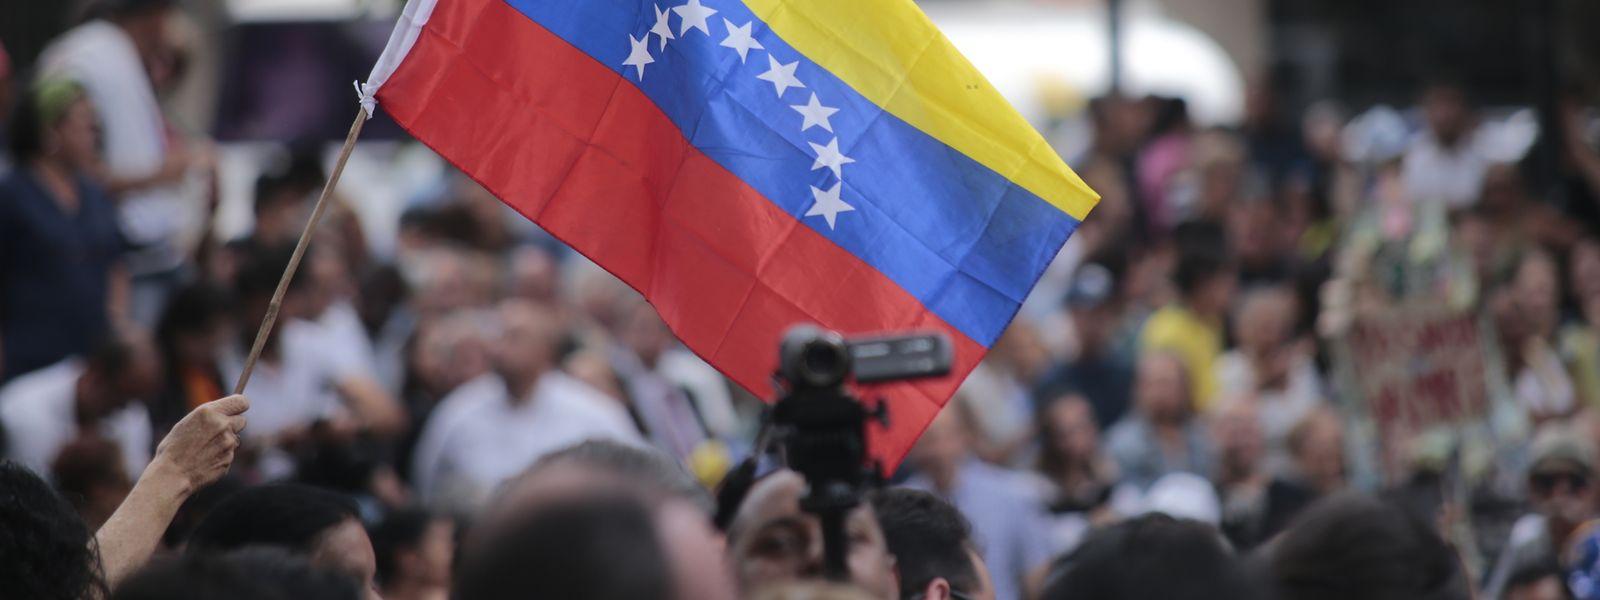 Zahlreiche Demonstranten heben die Hand zur Unterstützung des selbst ernannten Interimspräsidenten Juan Guaidó bei einer Kundgebung der Opposition in der venezolanischen Hauptstadt.